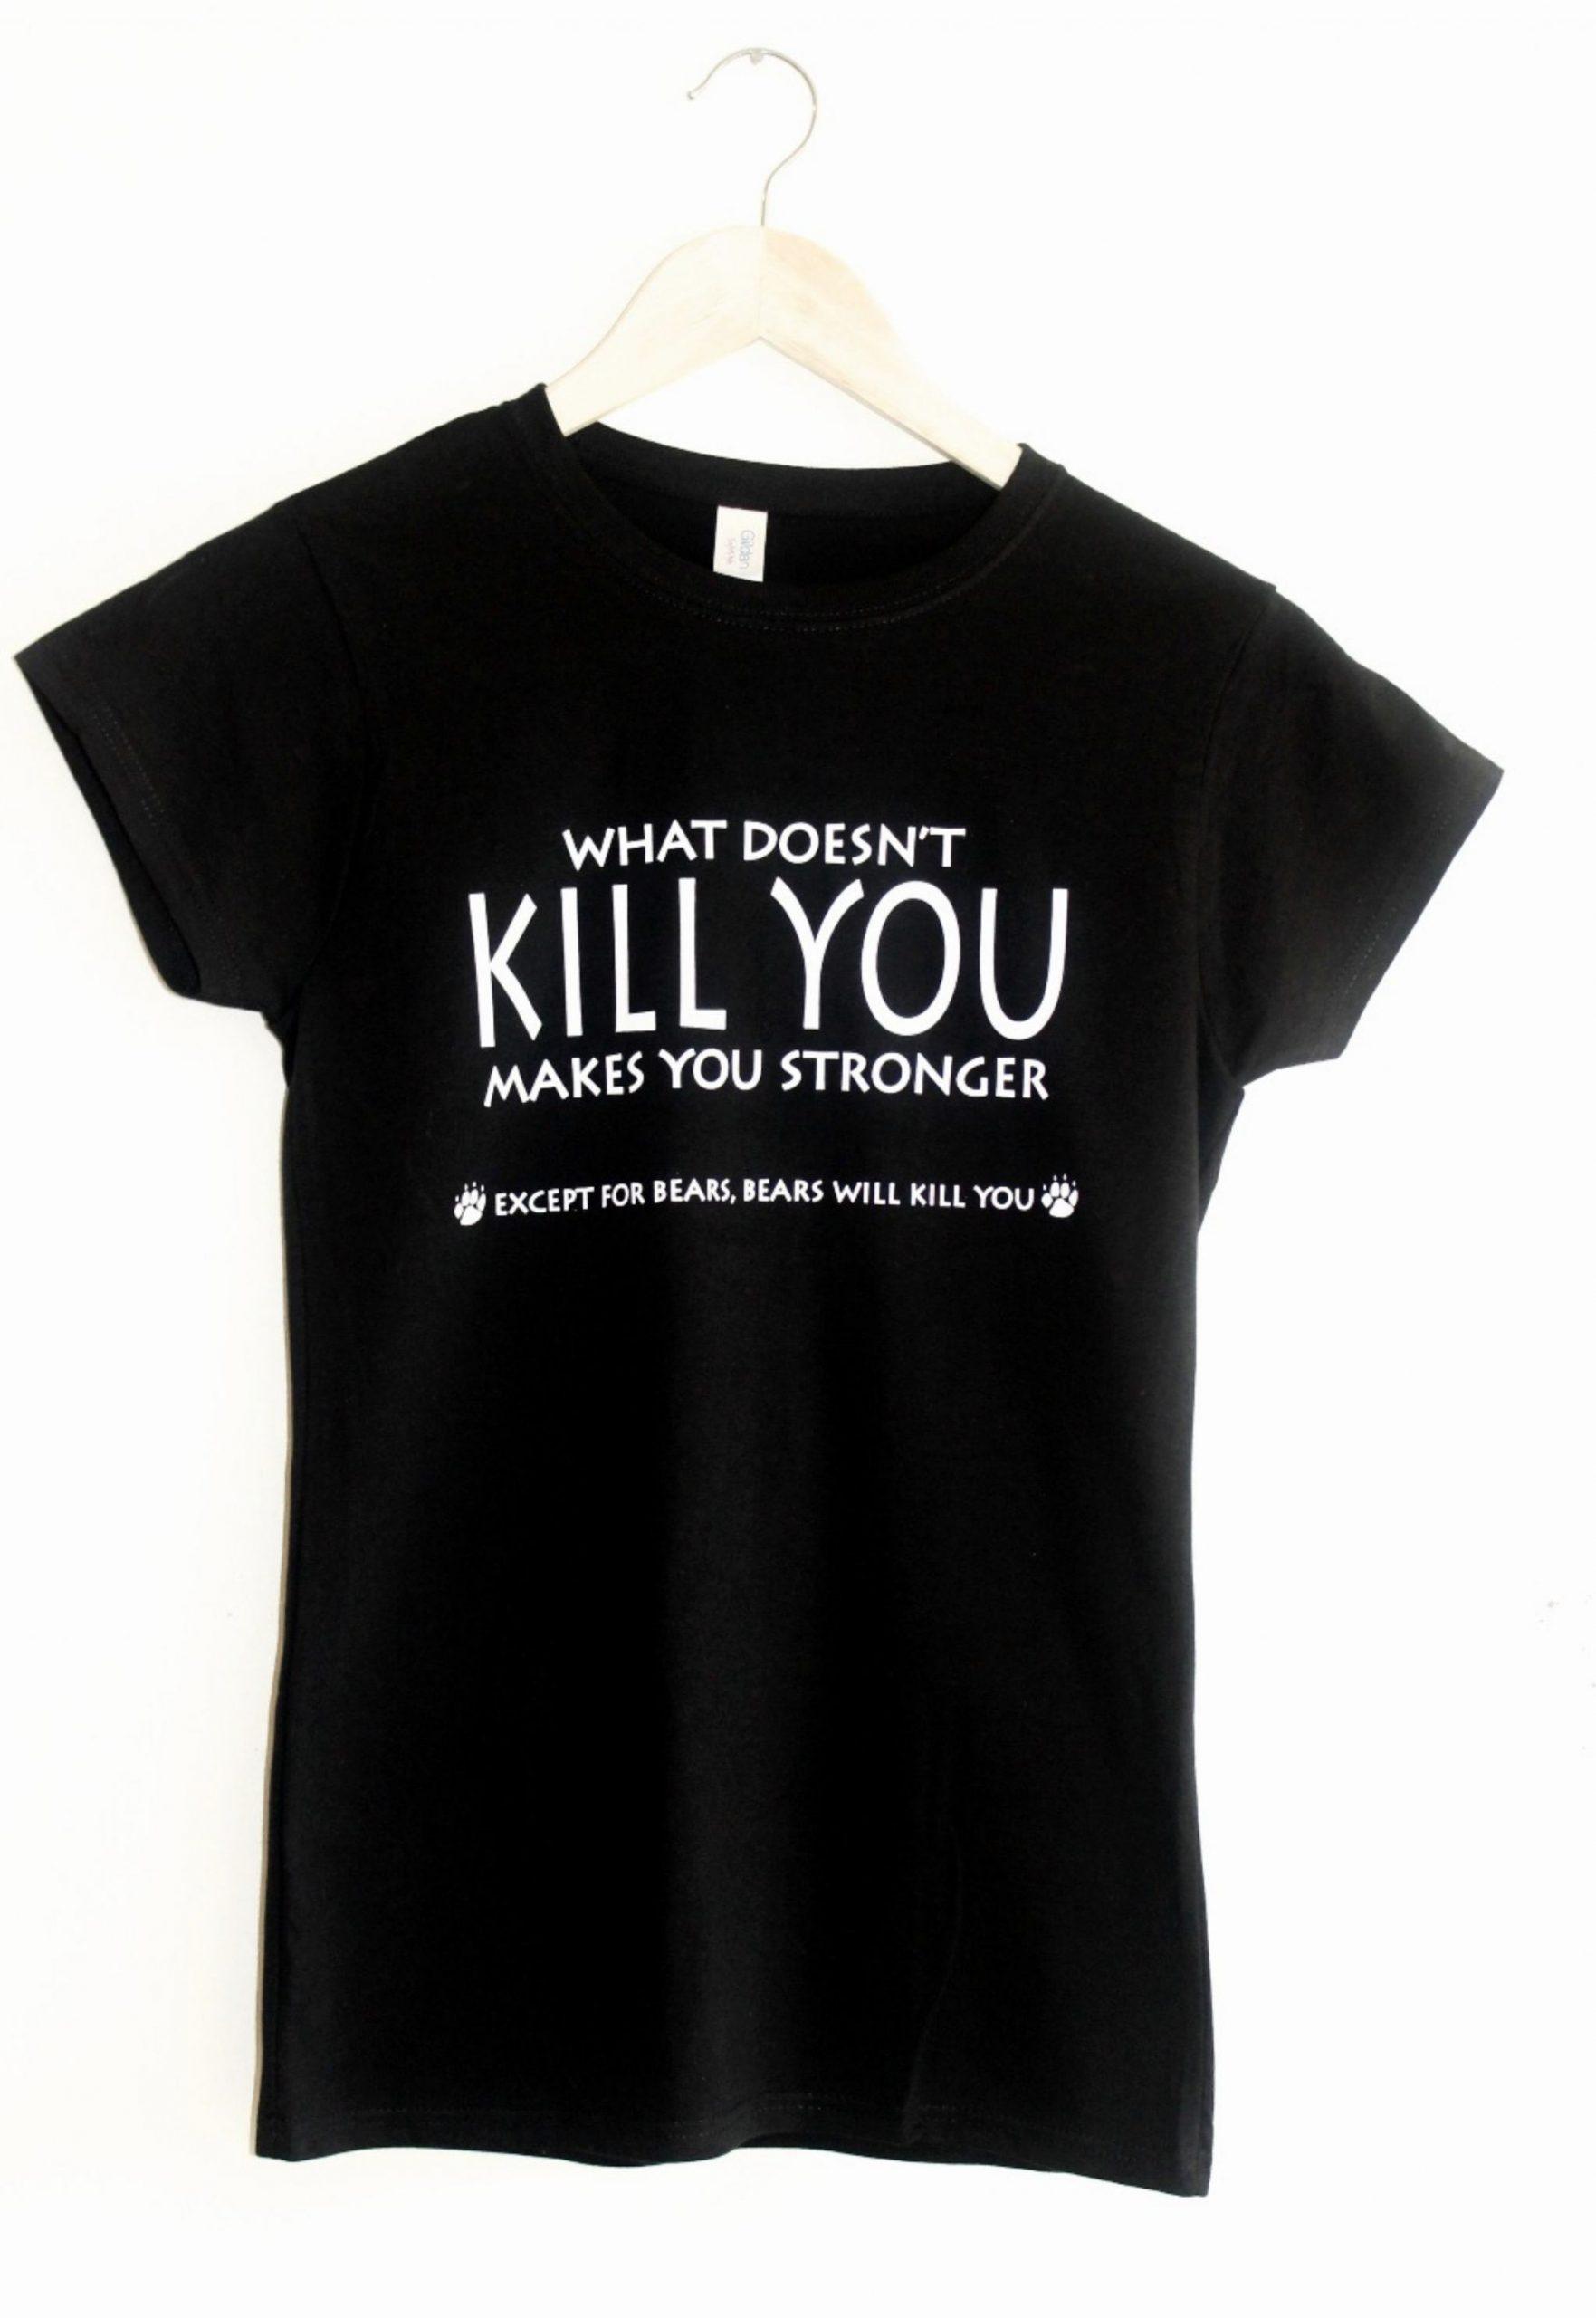 Shop Sweet Dirt Women's Graphic T-shirt